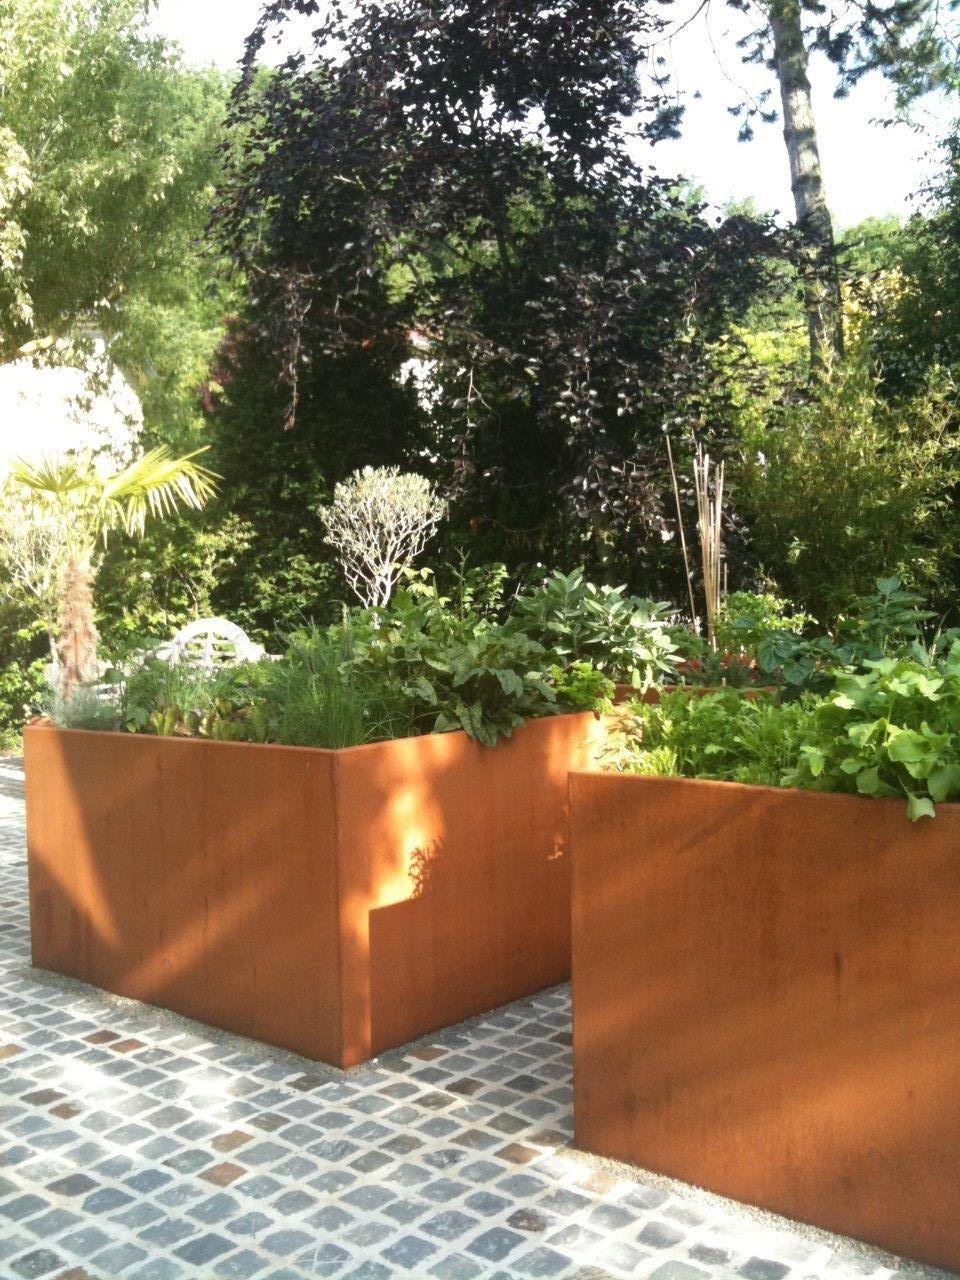 Potager Corten Luxembourg Www Vereal Lu Outdoor Planters Garden Pots Garden Planters